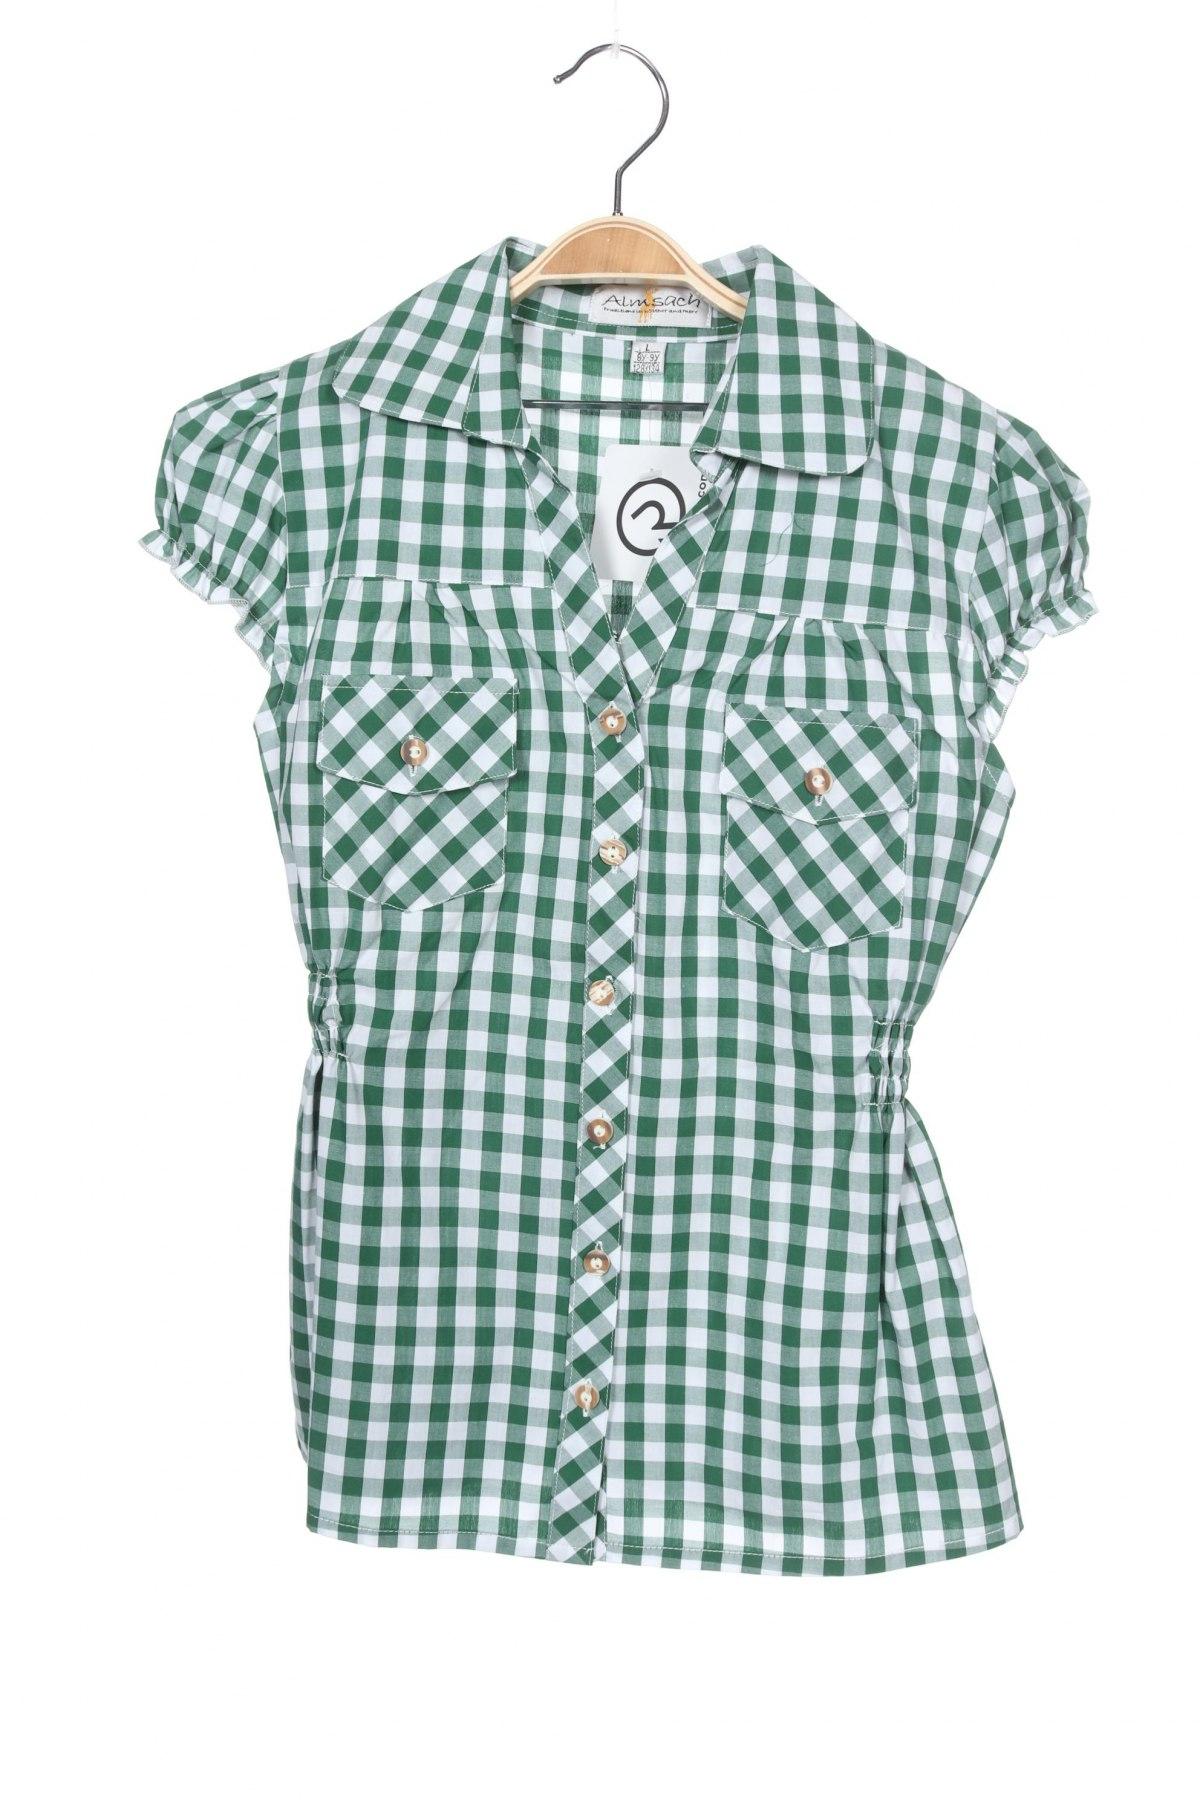 Παιδικό πουκάμισο Almsach, Μέγεθος 7-8y/ 128-134 εκ., Χρώμα Πράσινο, Βαμβάκι, Τιμή 5,26€